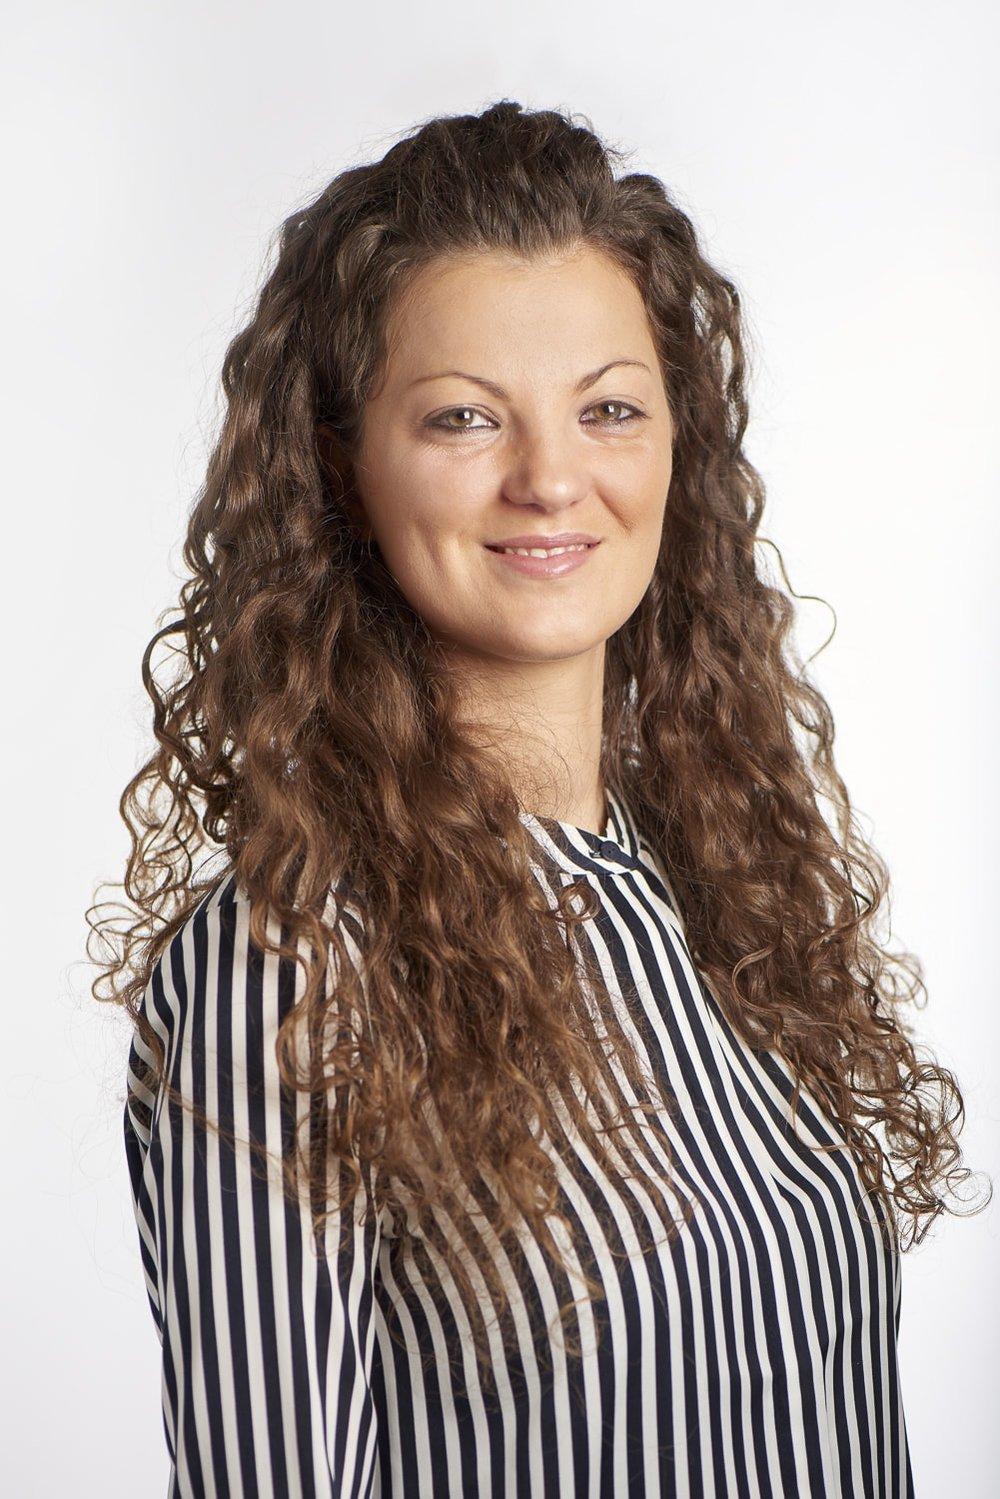 Erika Pietrovito